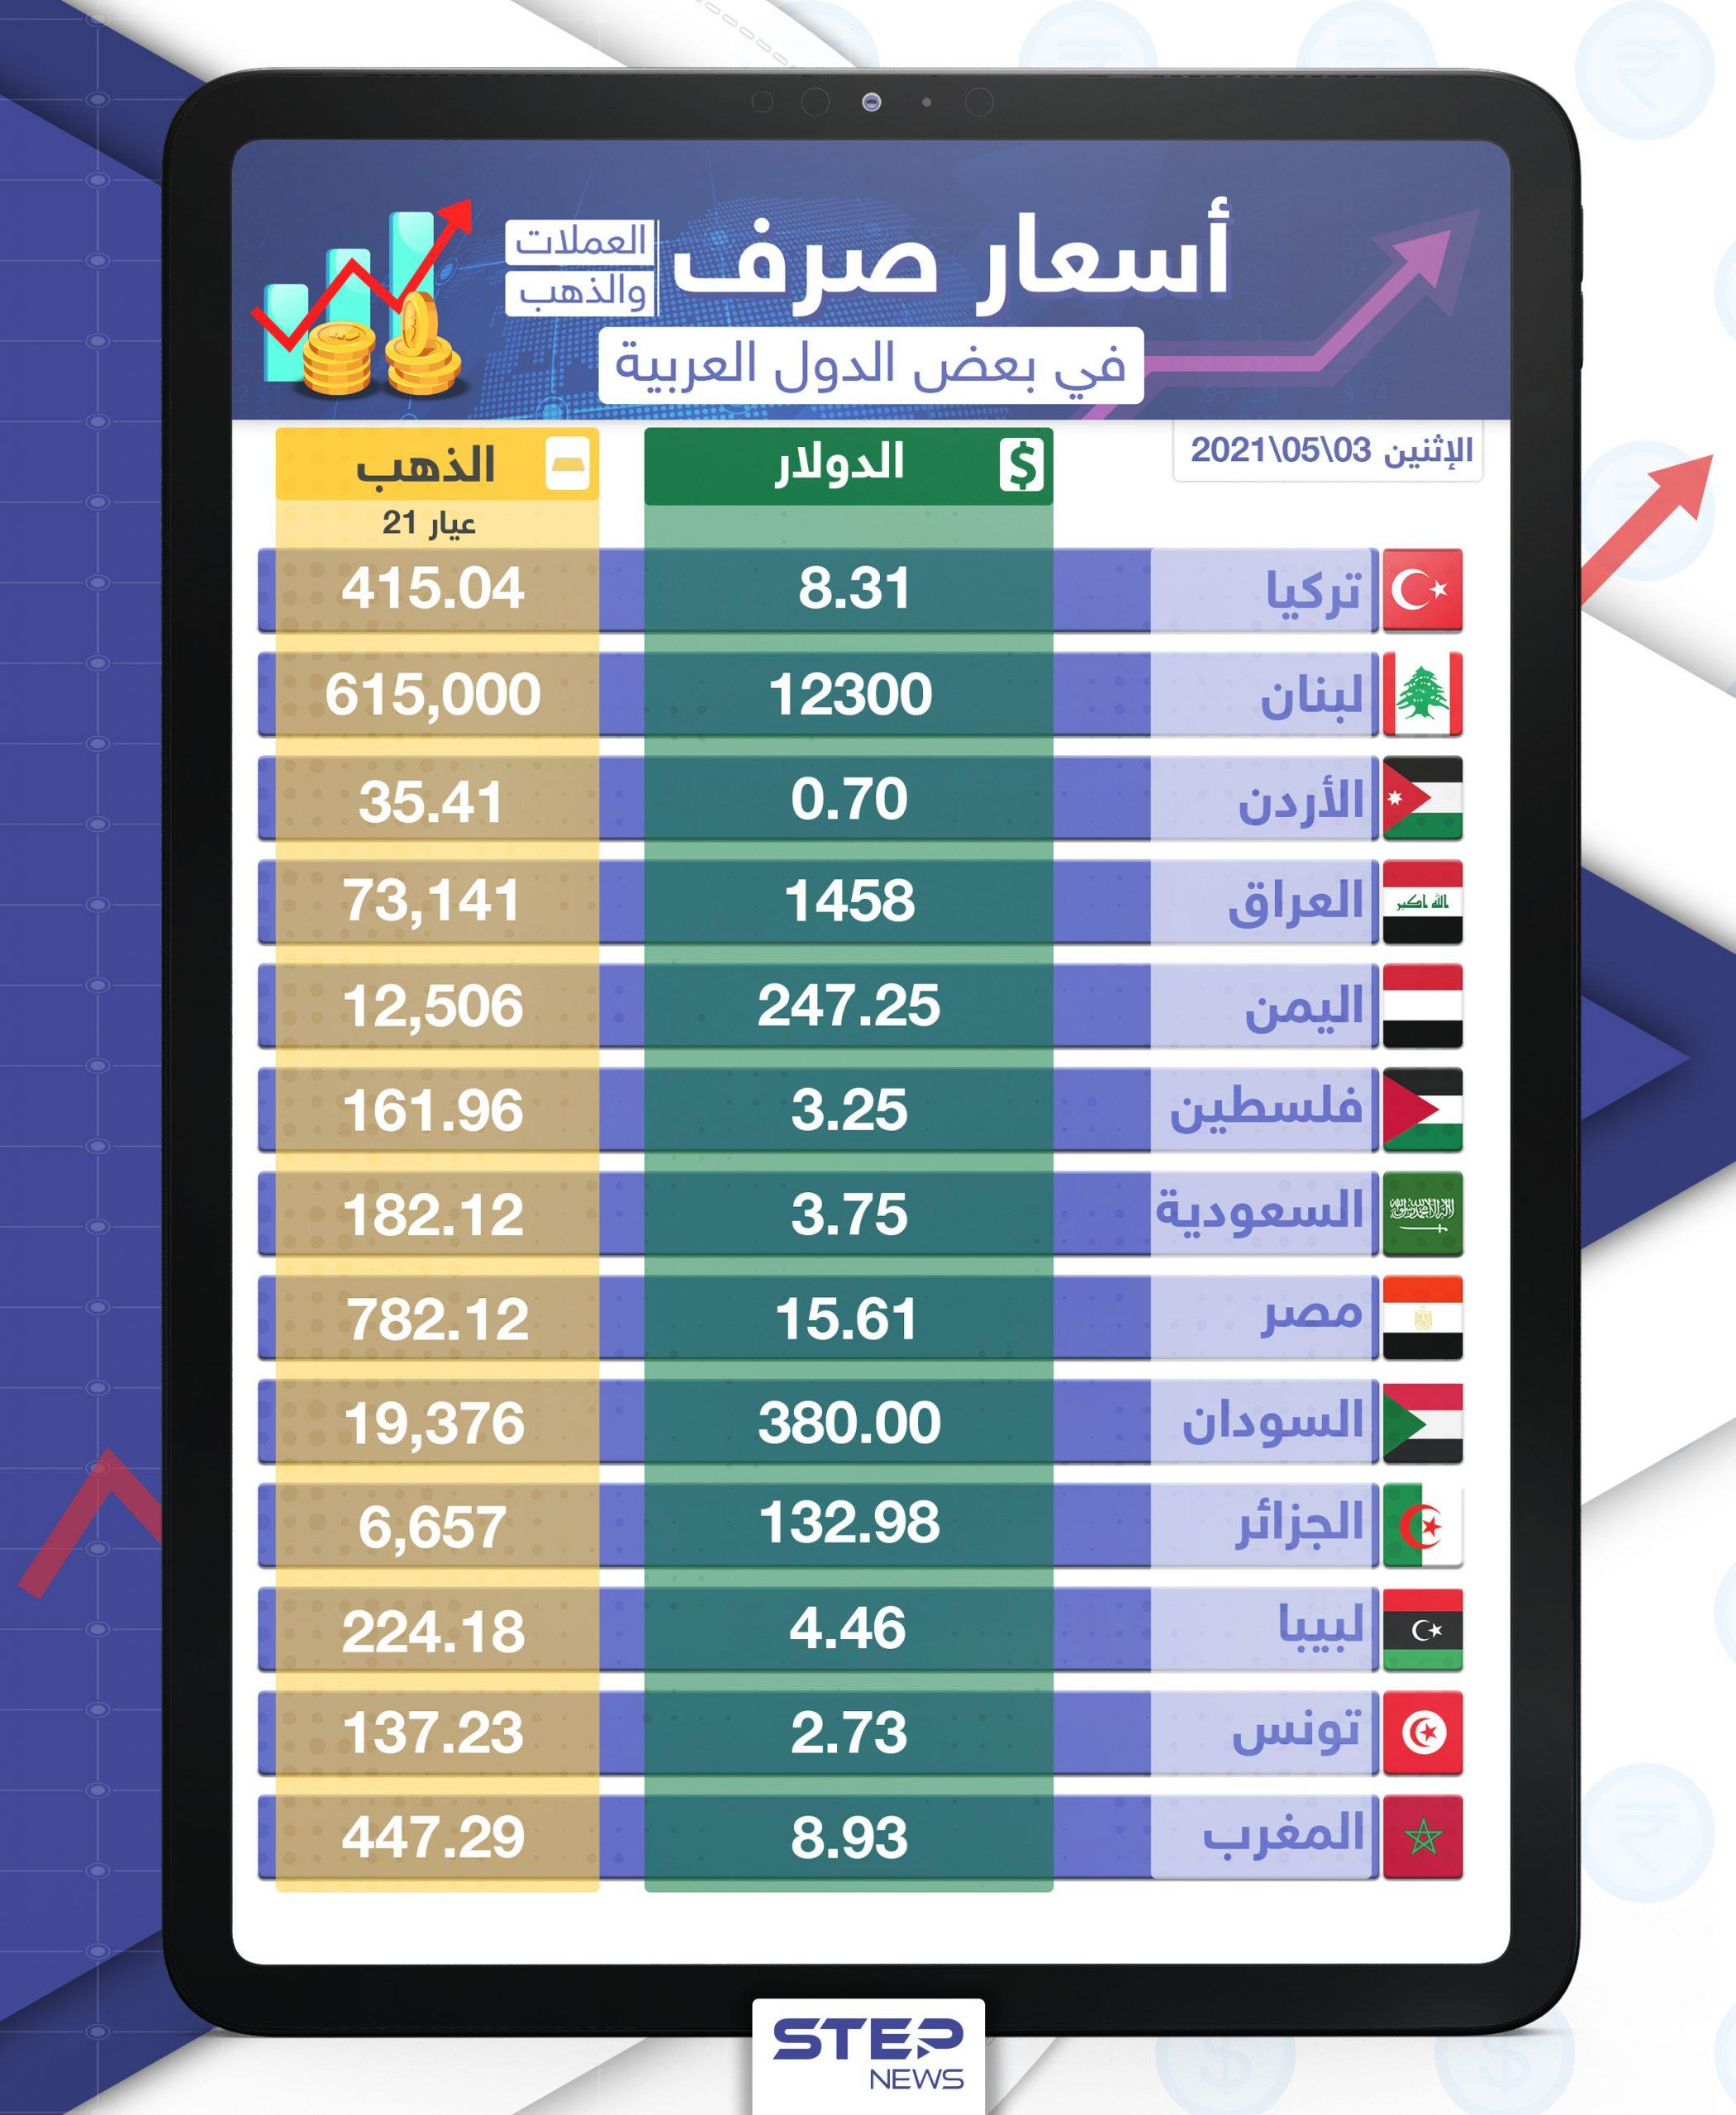 أسعار الذهب والعملات للدول العربية وتركيا اليوم الاثنين الموافق 03 أيار 2021